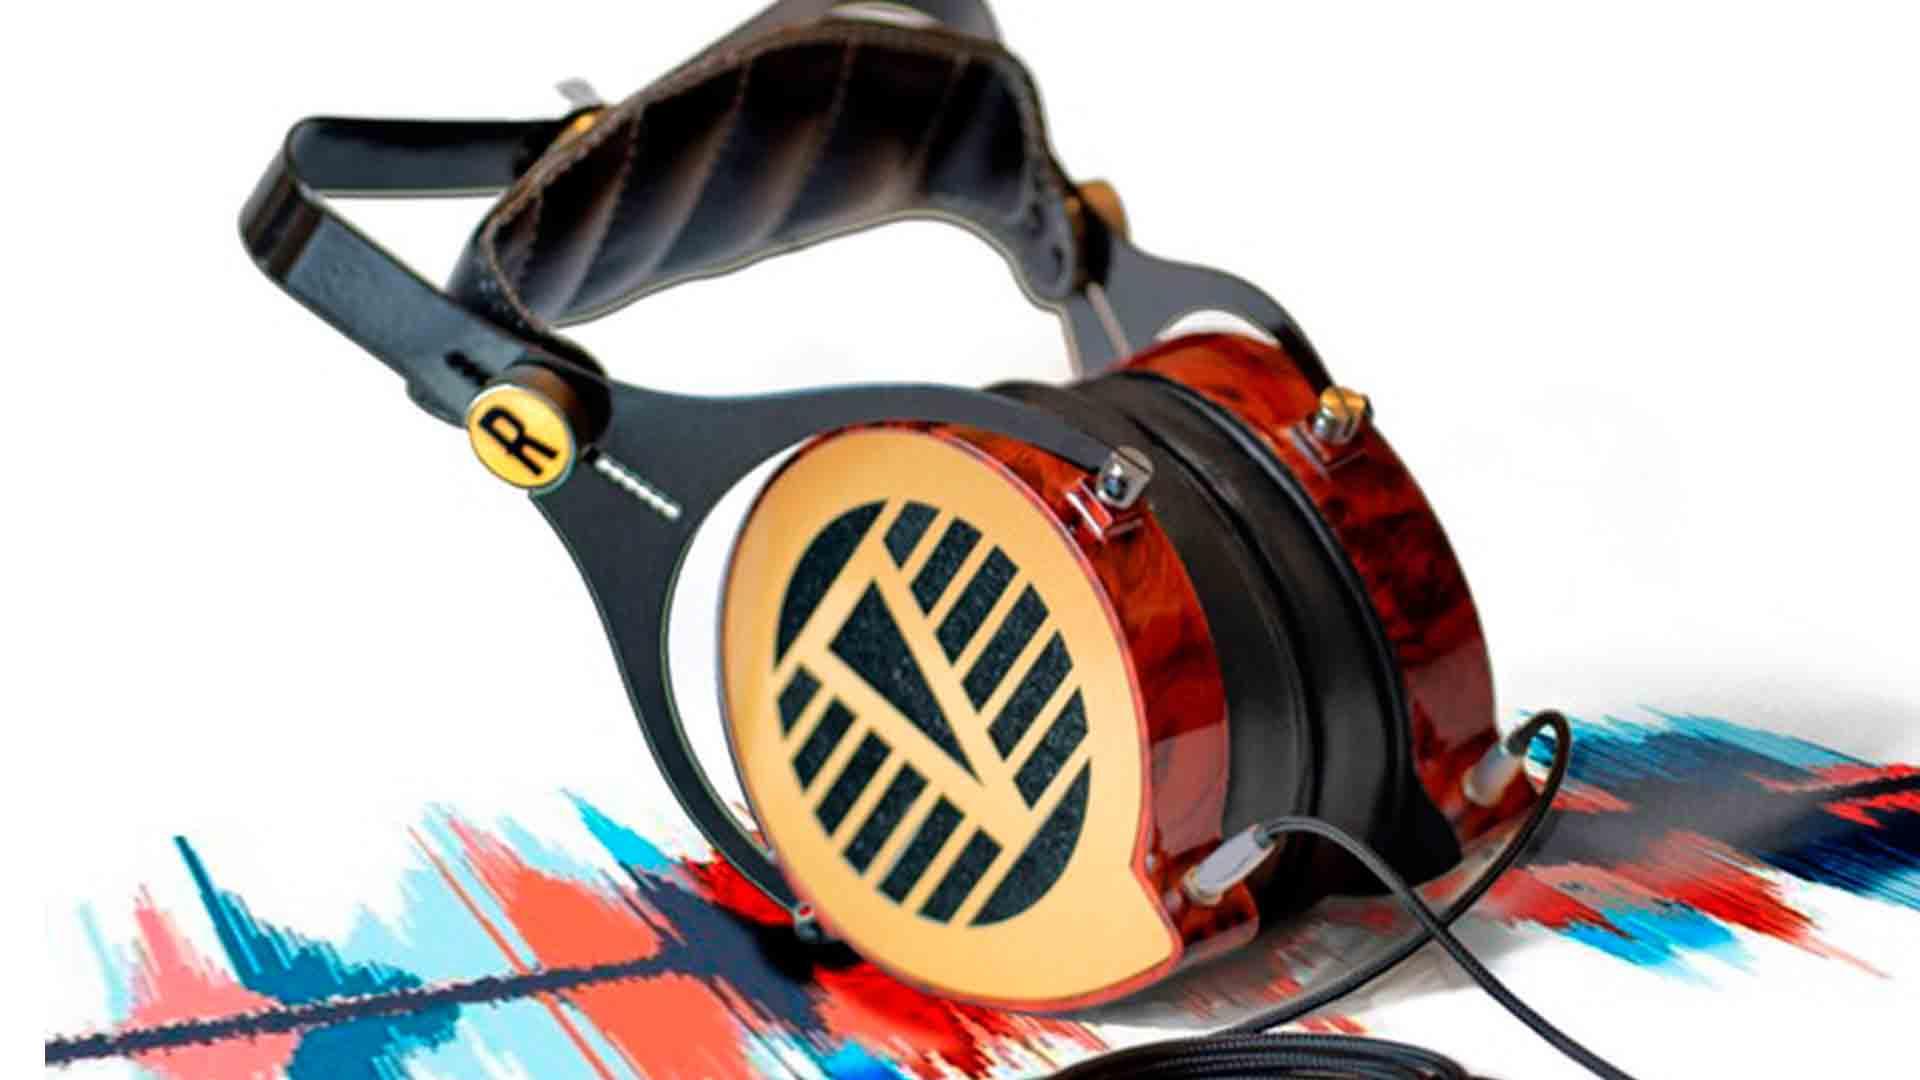 Verum Audio